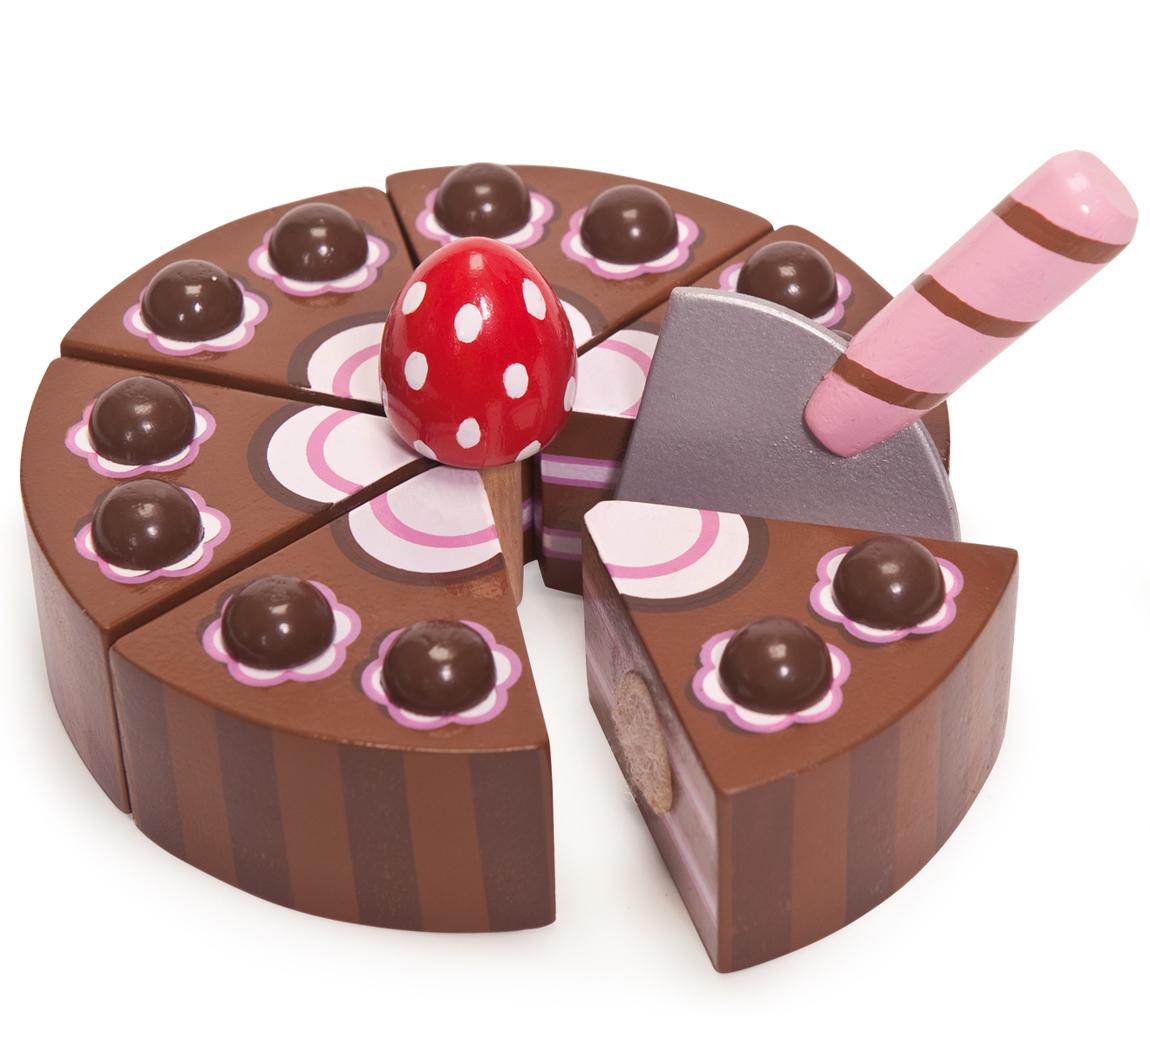 Le toy van - Gâteau au Chocolat